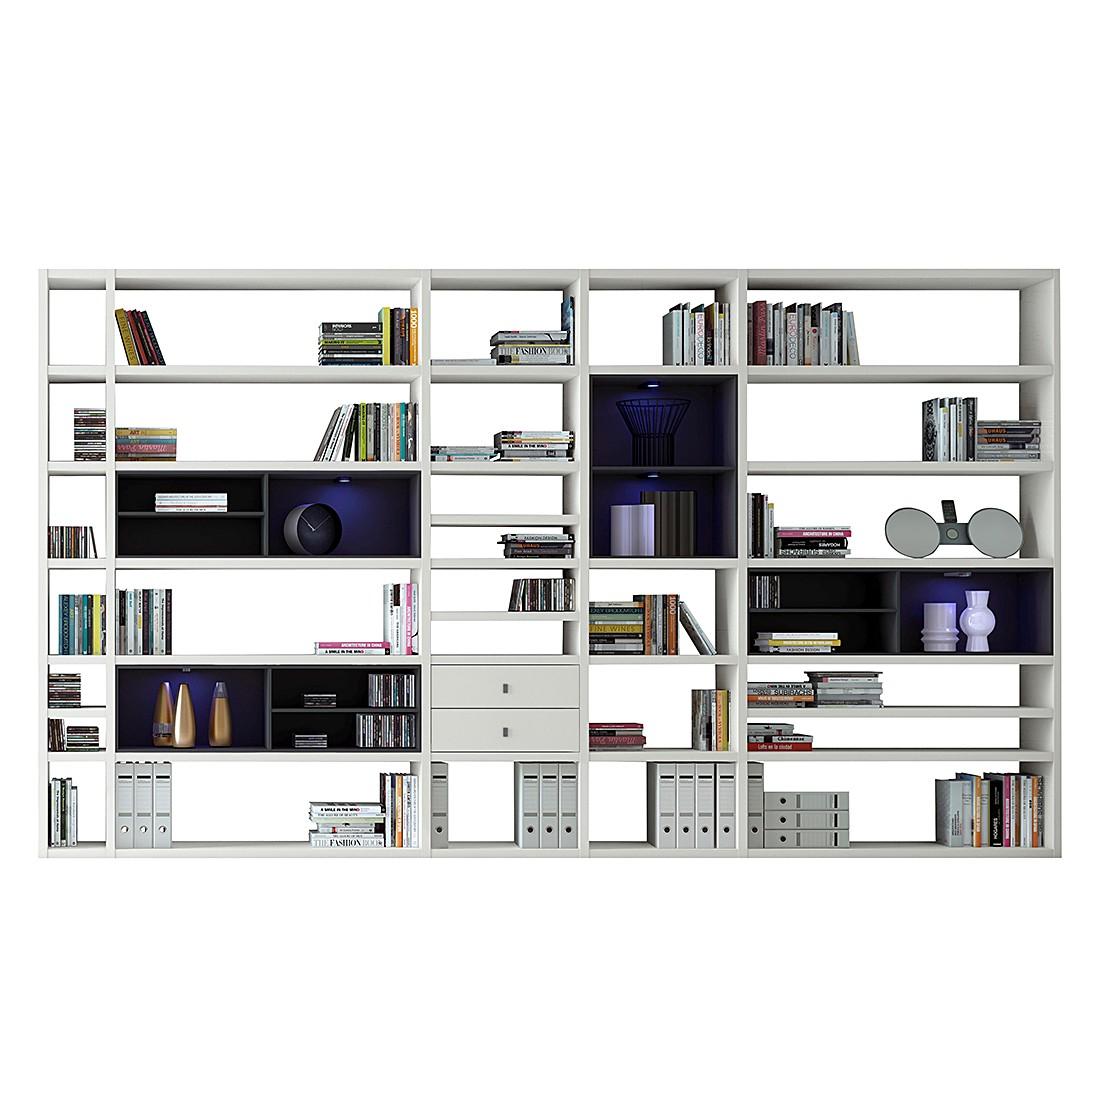 XXL Regalwand Emporior II – Schwarz – Matt Weiß Mit Beleuchtung, loftscape online bestellen